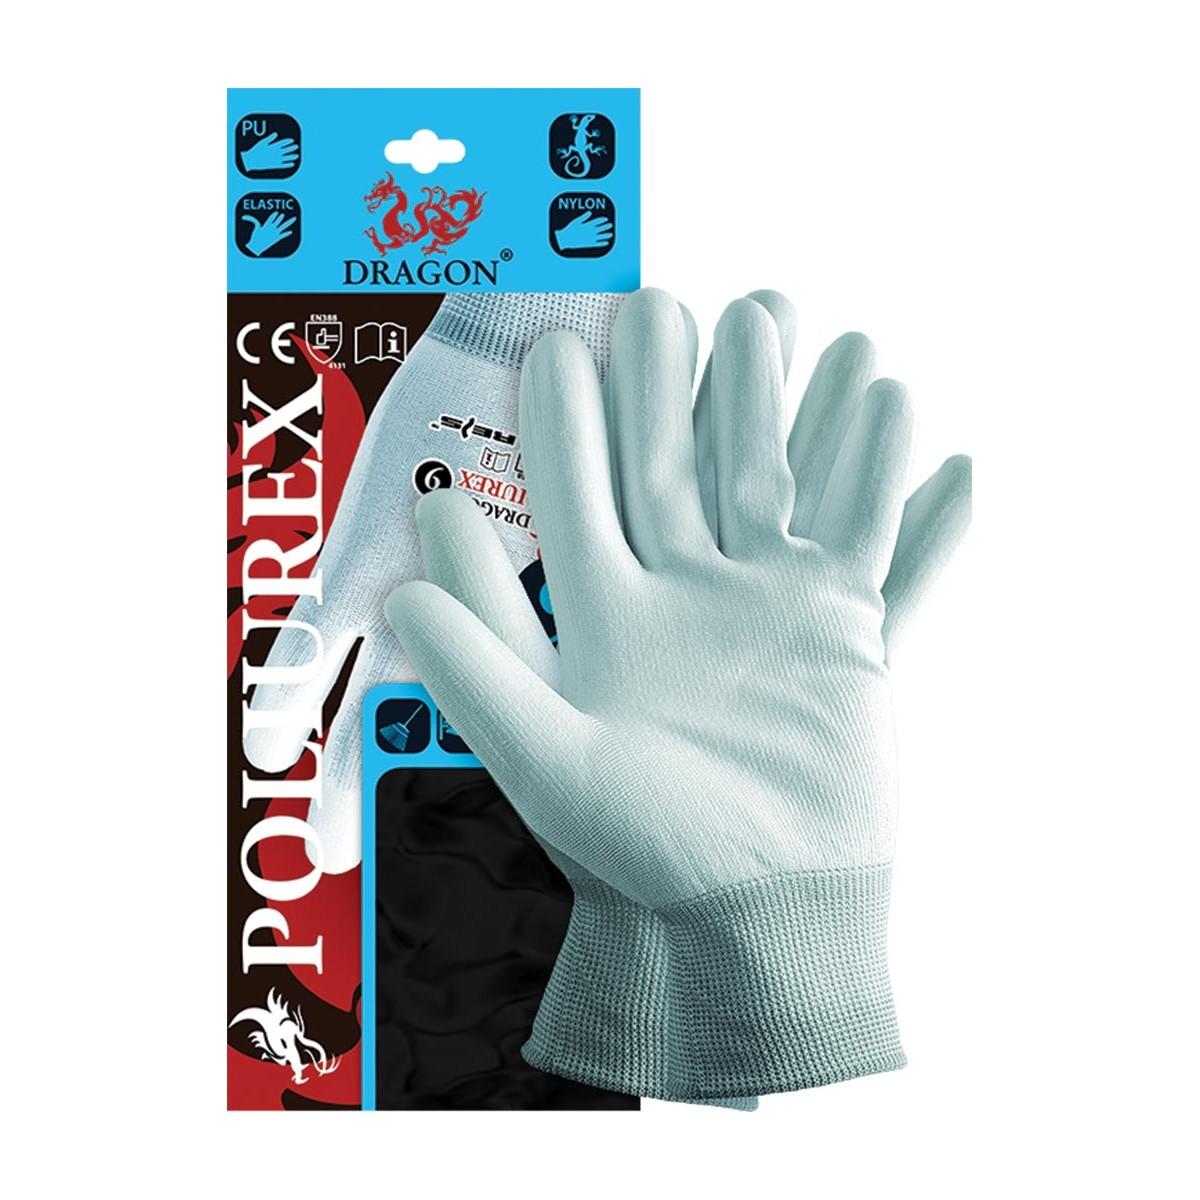 f2dabd2974d6f3 Rękawice rękawiczki robocze powlekane POLIUREX Dragon manualne